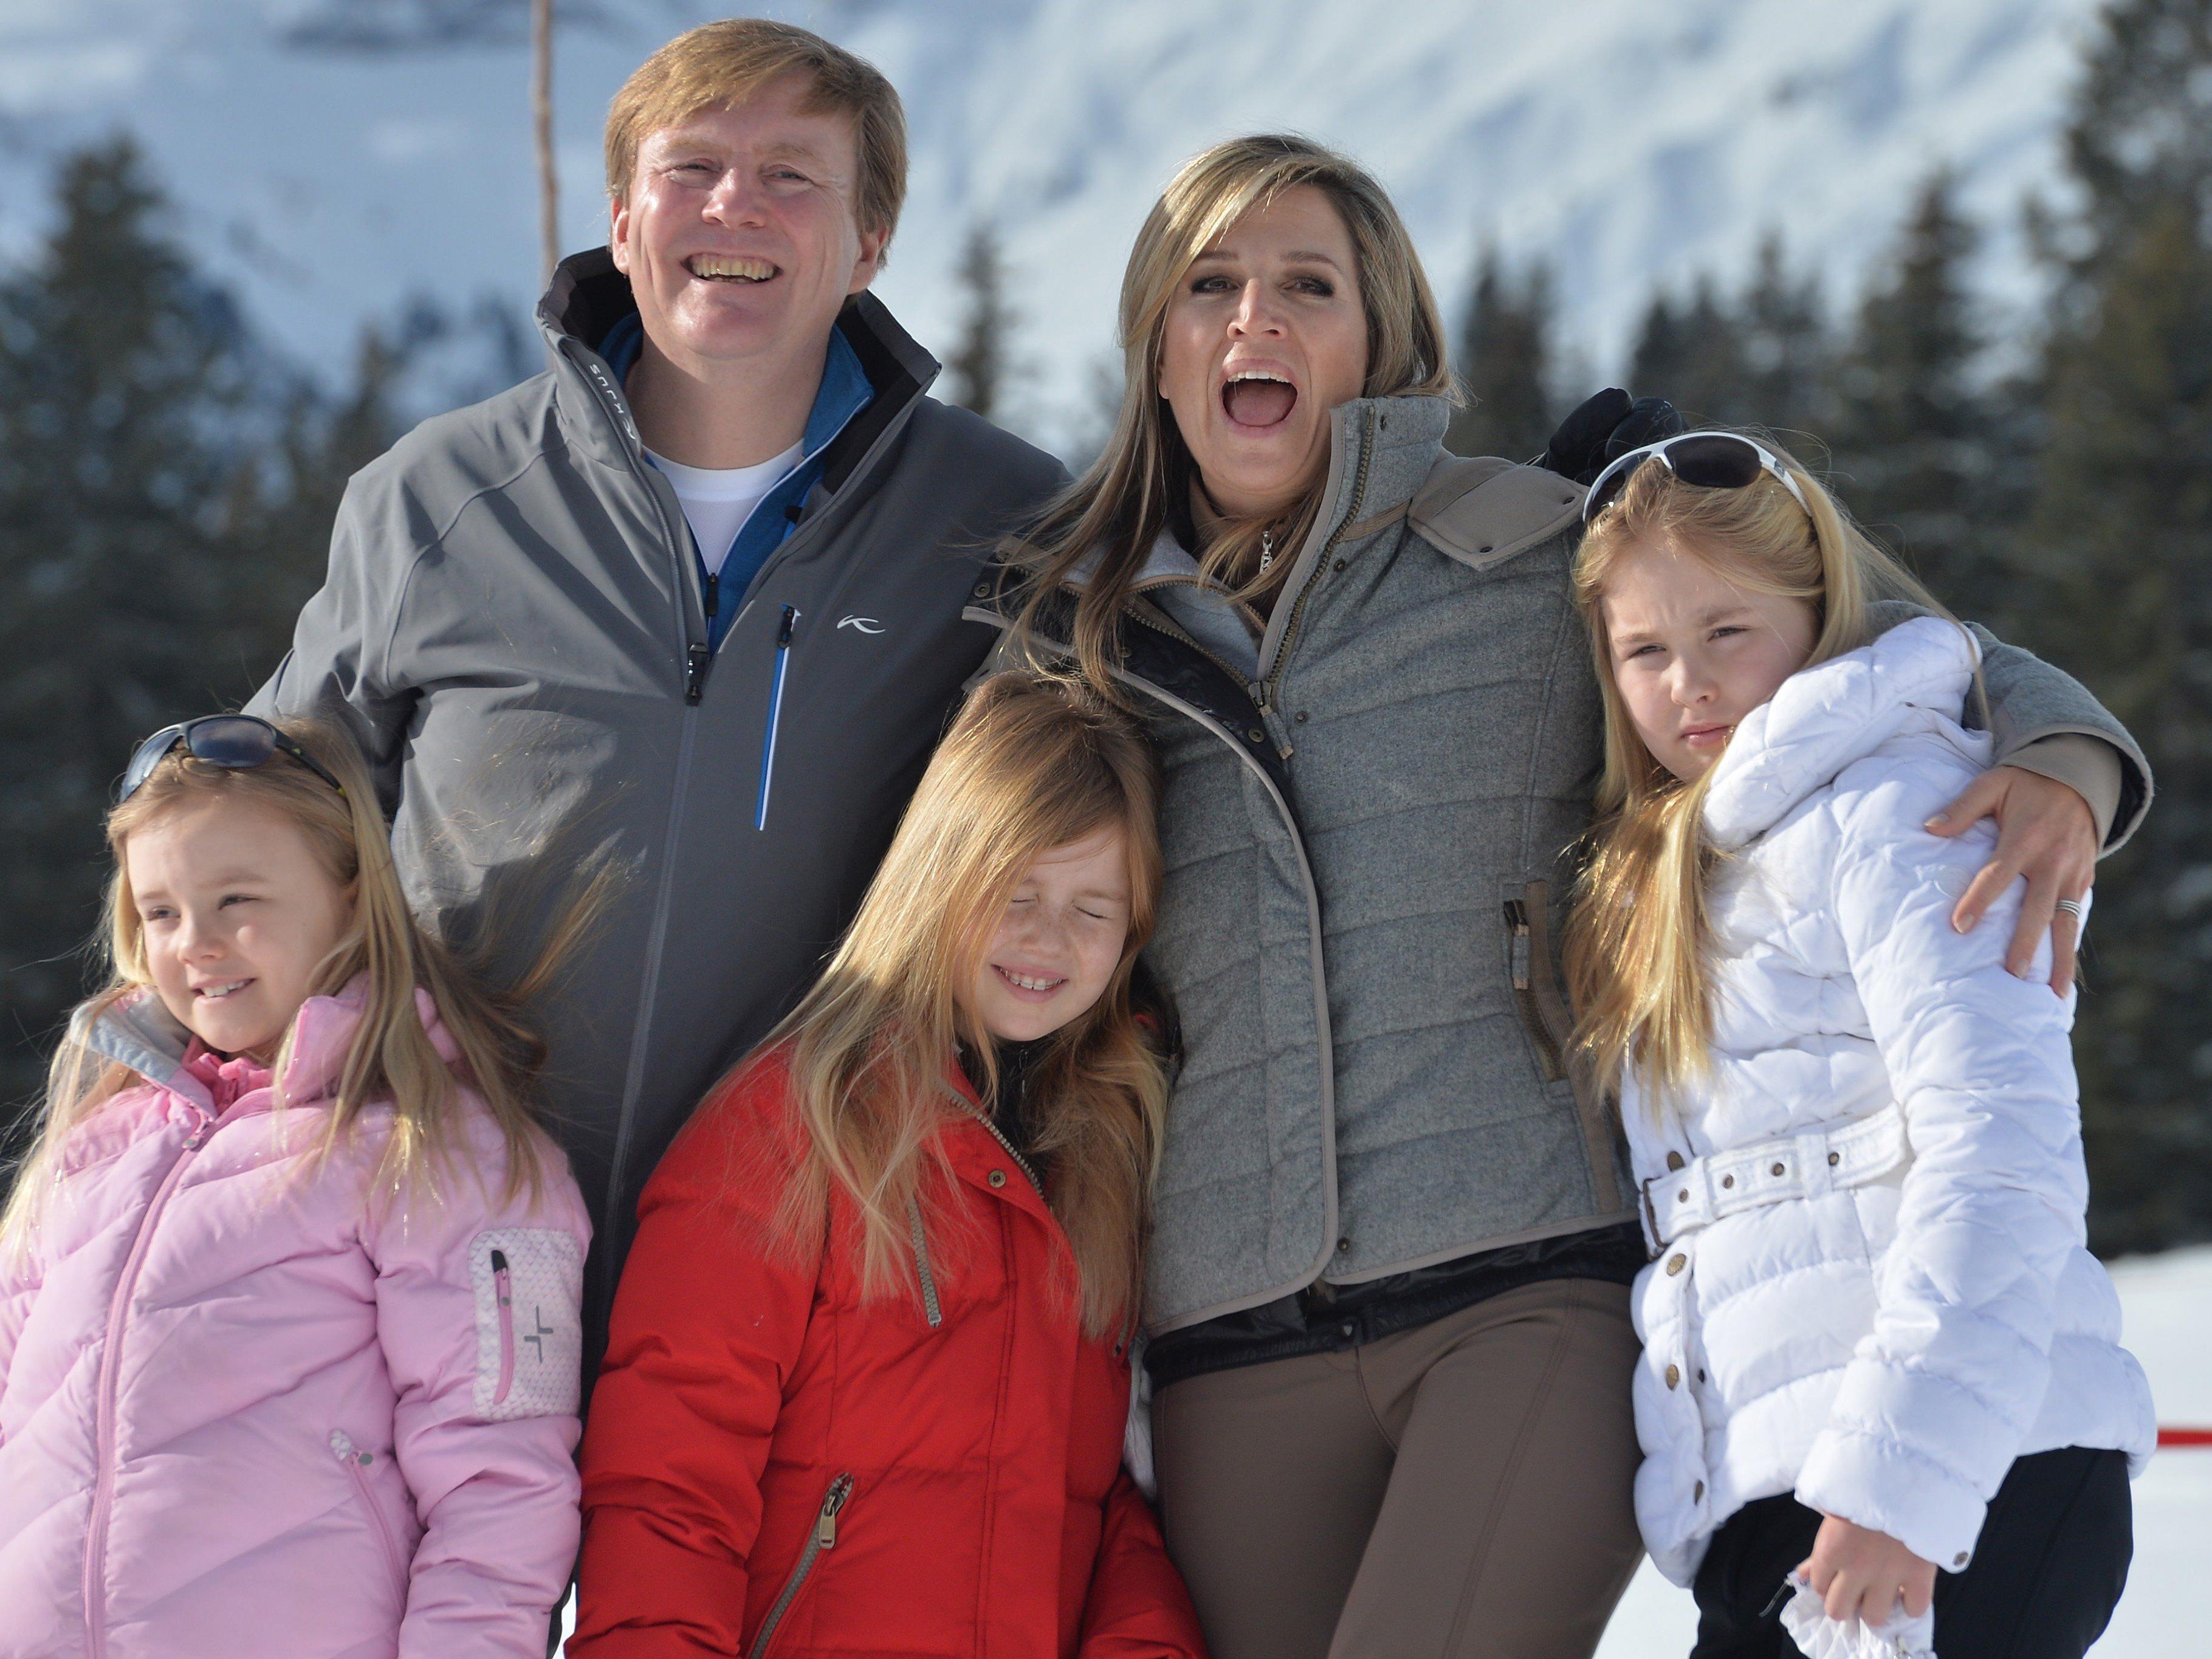 Offizieller Fototermin der Royals - Oranjes kommen seit 1959 an den Arlberg.